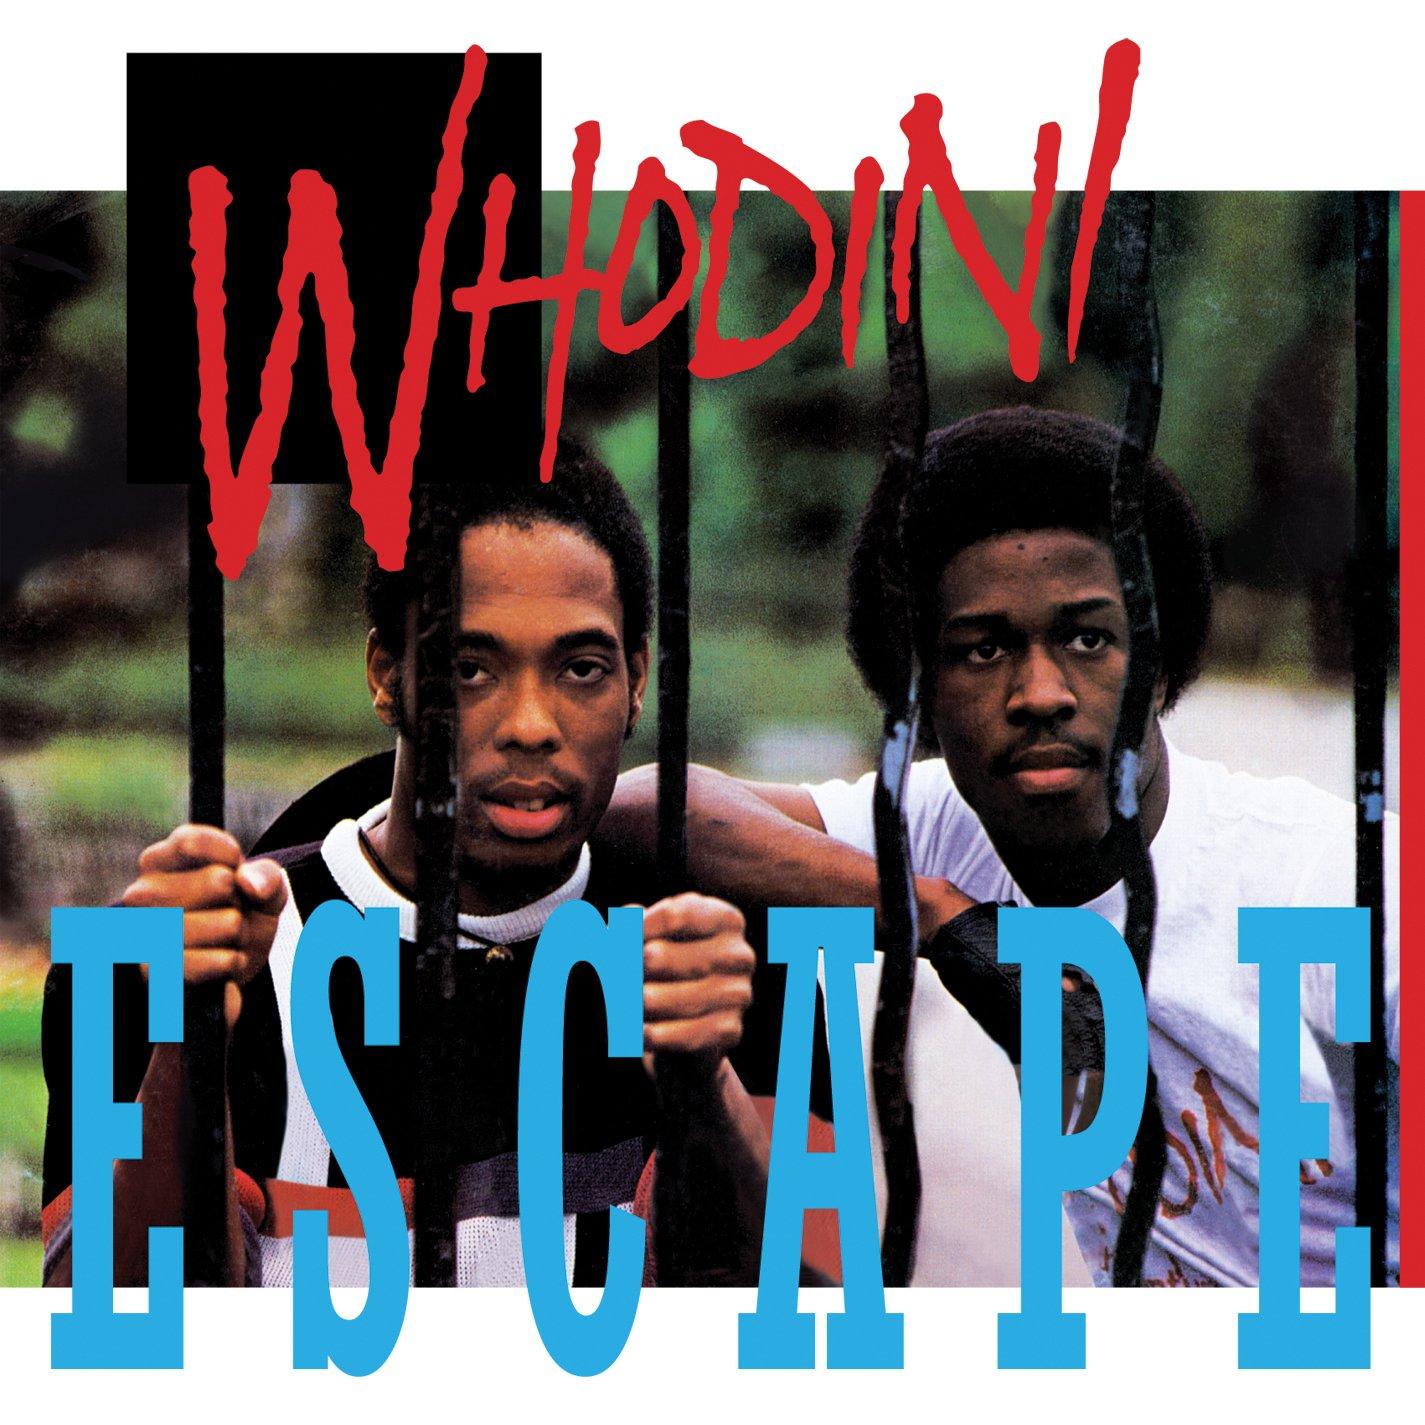 Whodini_Escape_Album_Cover